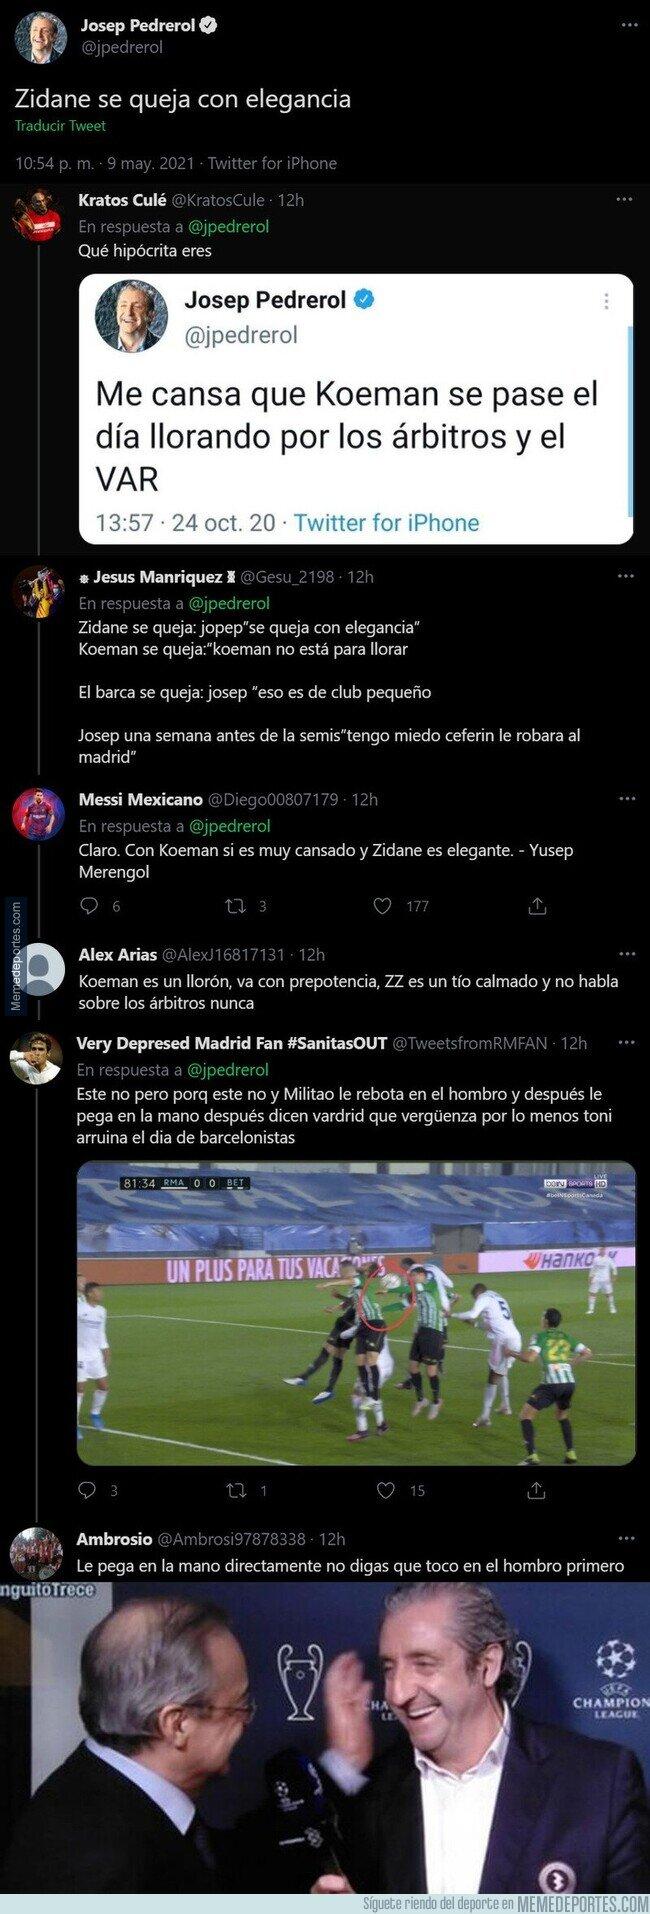 1134772 - La brutal hipocresía de Josep Pedrerol con estos dos tuits cuando opina de Koeman y Zidane sobre los árbitros